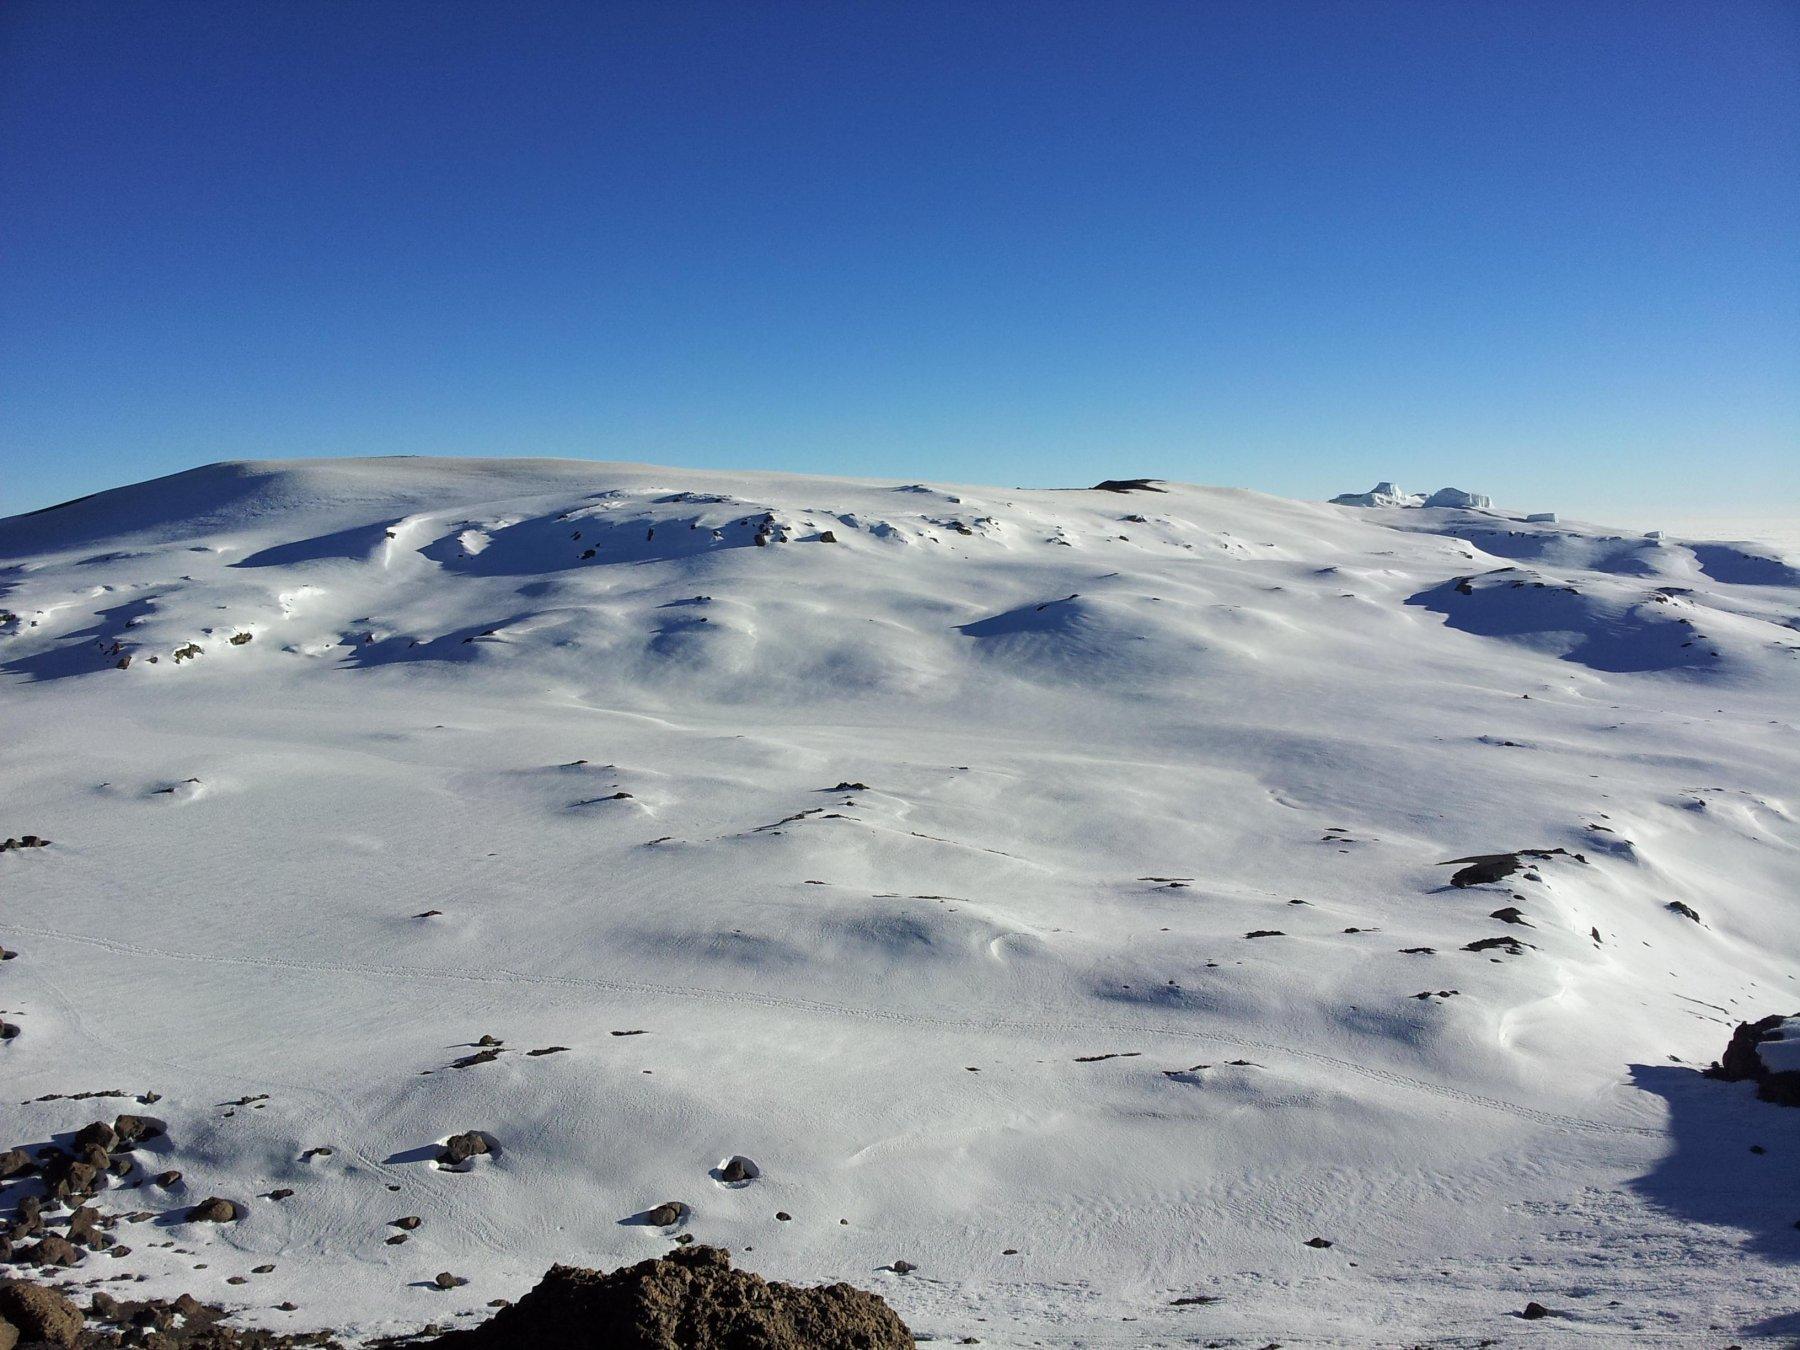 Il cratere al centro della caldera è ricoperto di neve